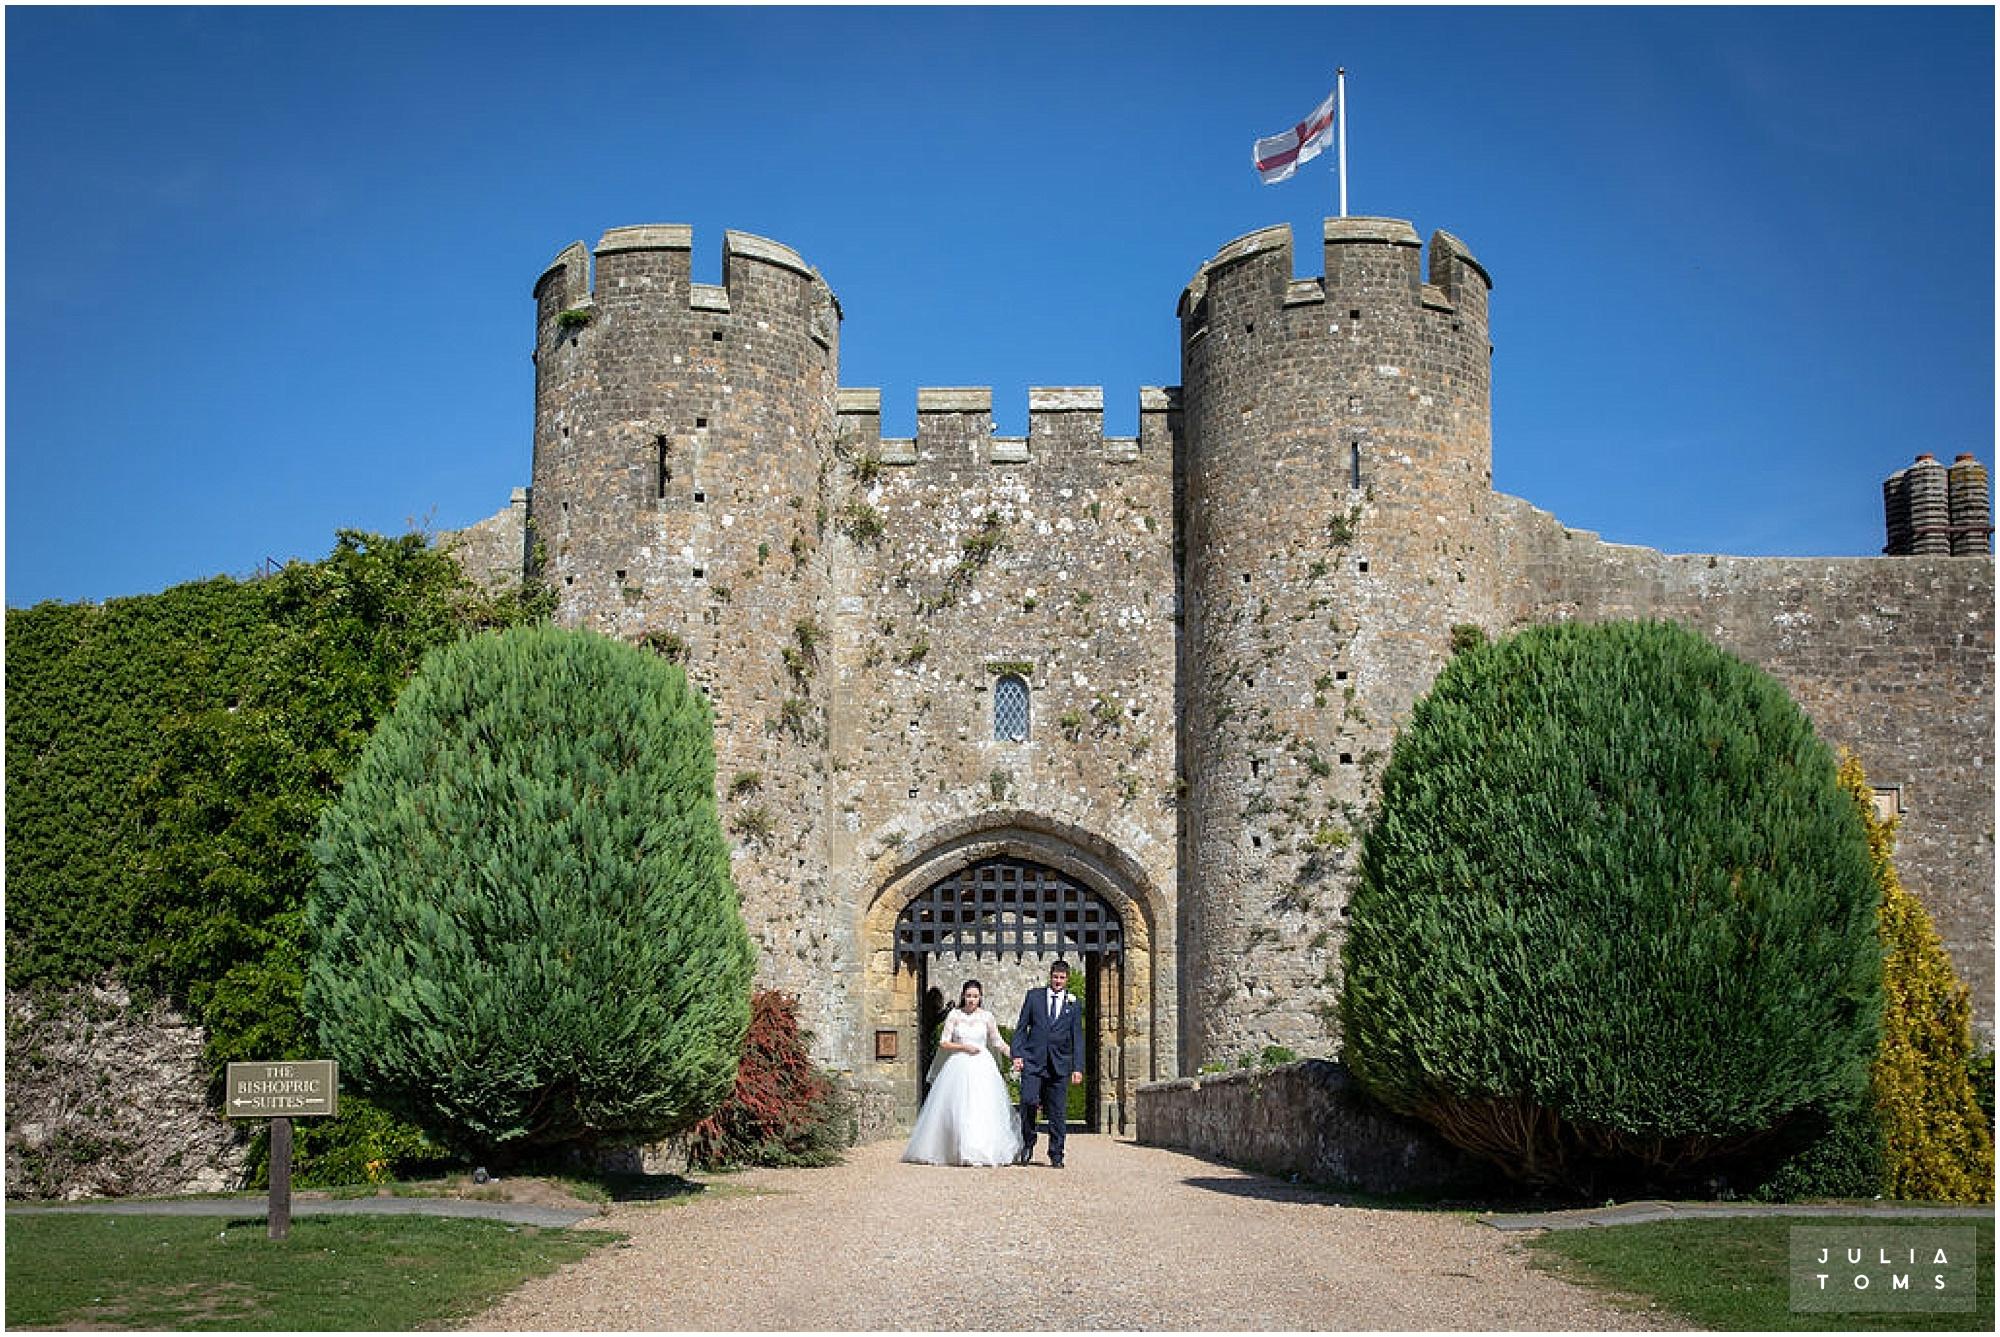 amberley_castle_wedding_photographer_030.jpg